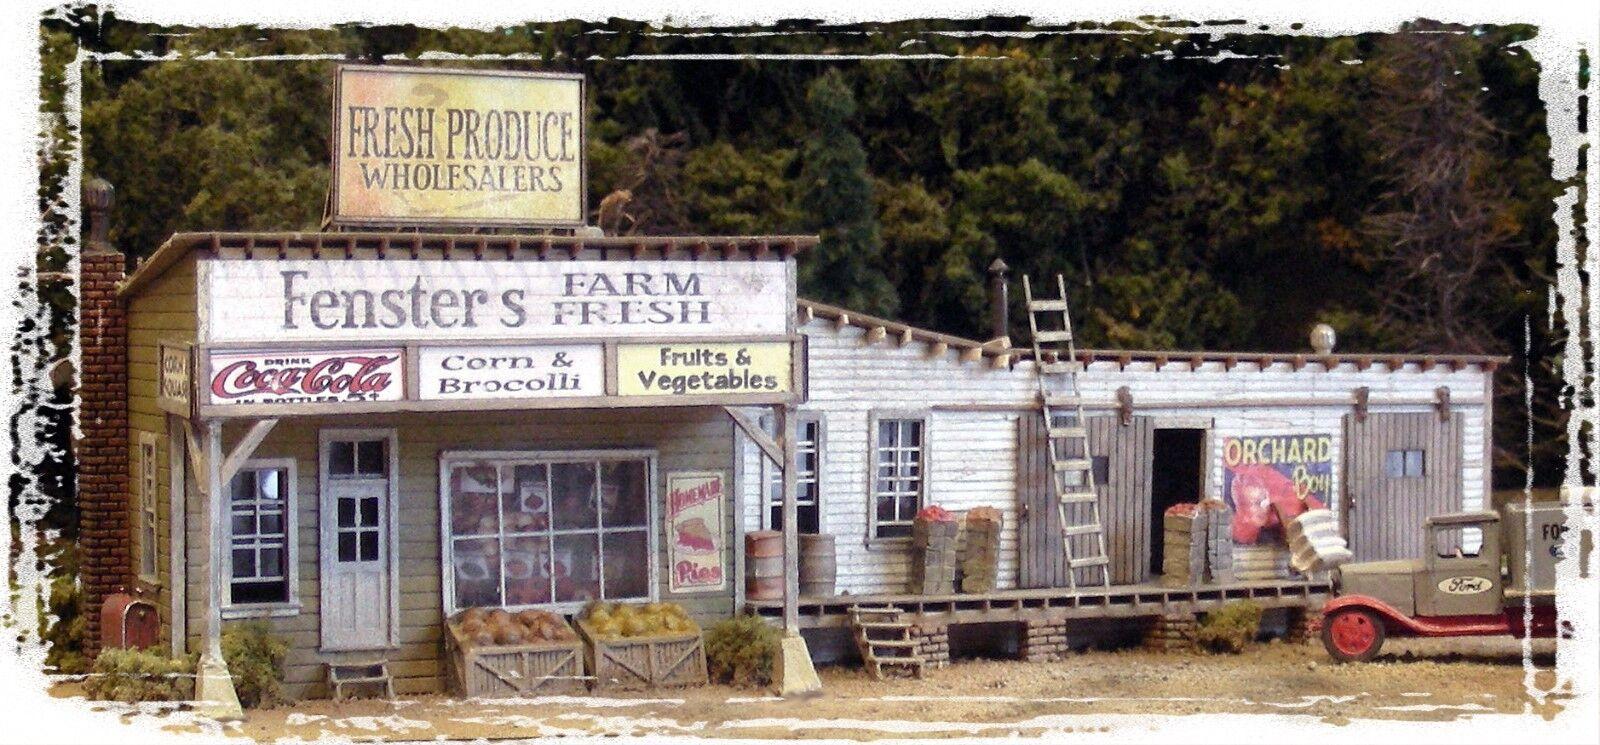 BAR MILLS BUILDINGS BUILDINGS BUILDINGS 142 HO Fenster's Farm Fresh Fruits Model Railroading Kit de1465